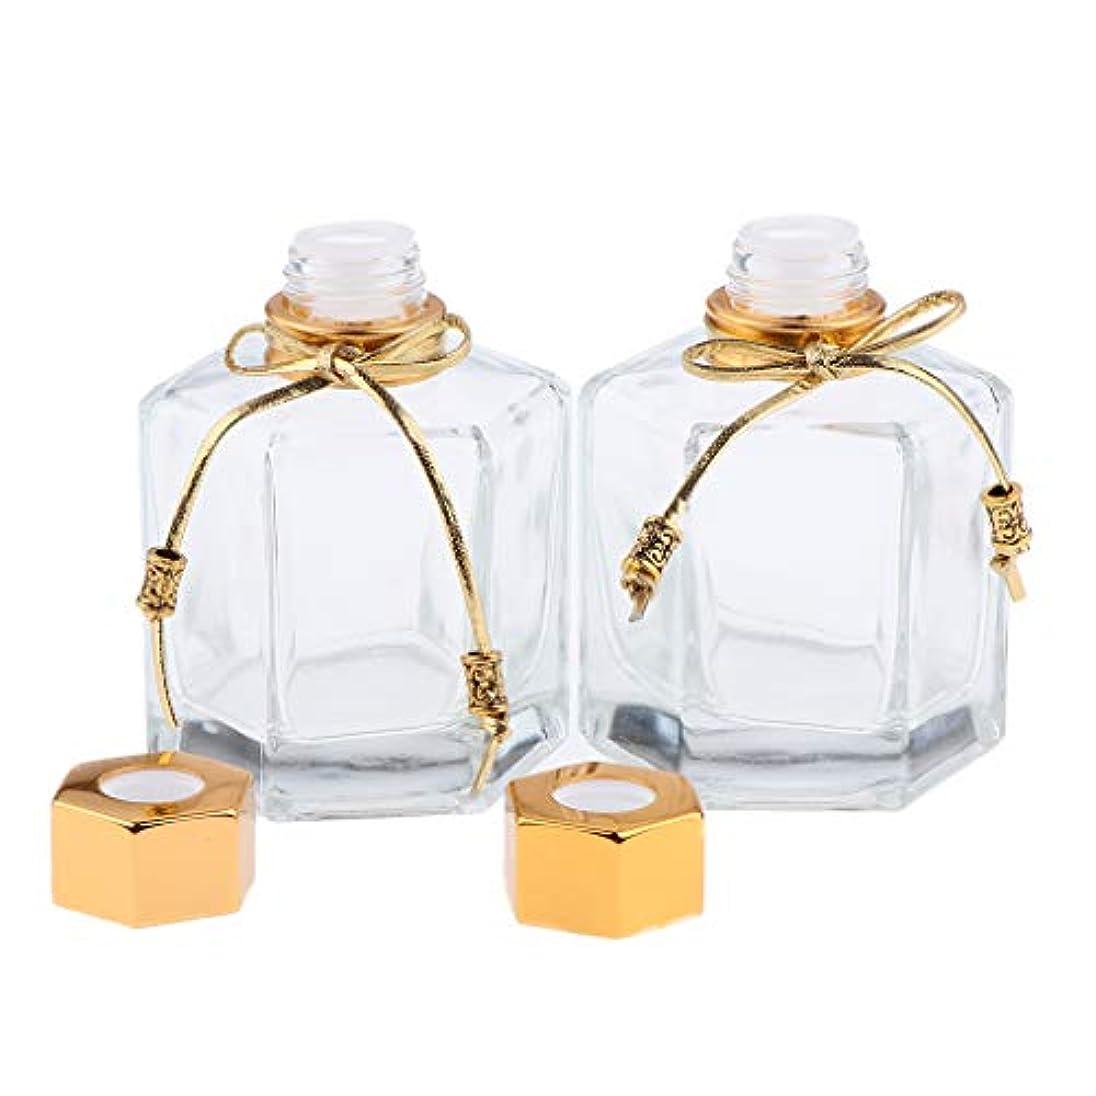 ローン平和プランター香水瓶 ガラス 香水ボトル オイル エッセンシャルオイル ボトル 拡散器 2色選べ - ゴールデン